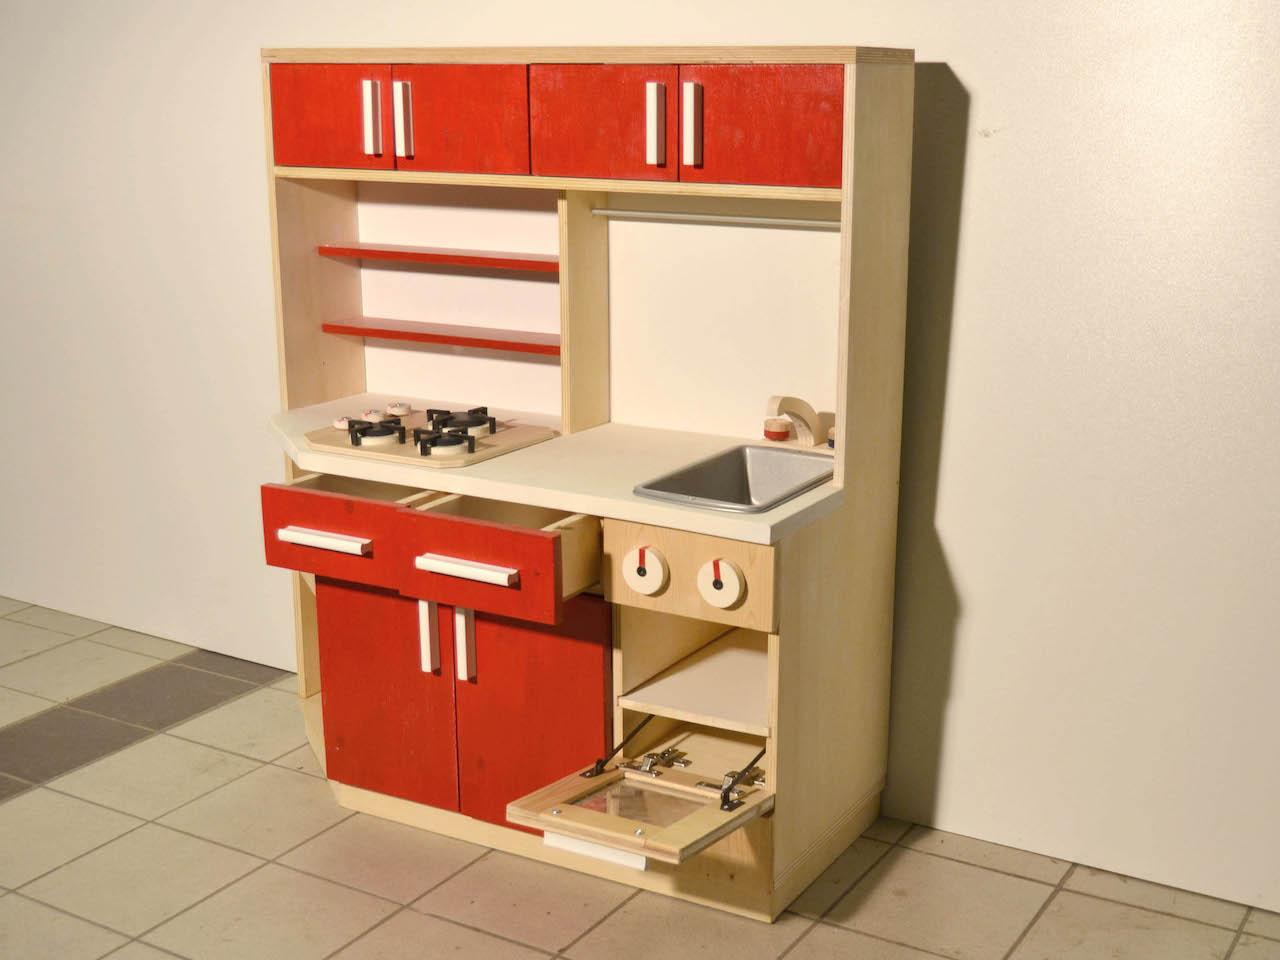 Andrea zanchetta cucina giocattolo atanor officina for Cucina giocattolo